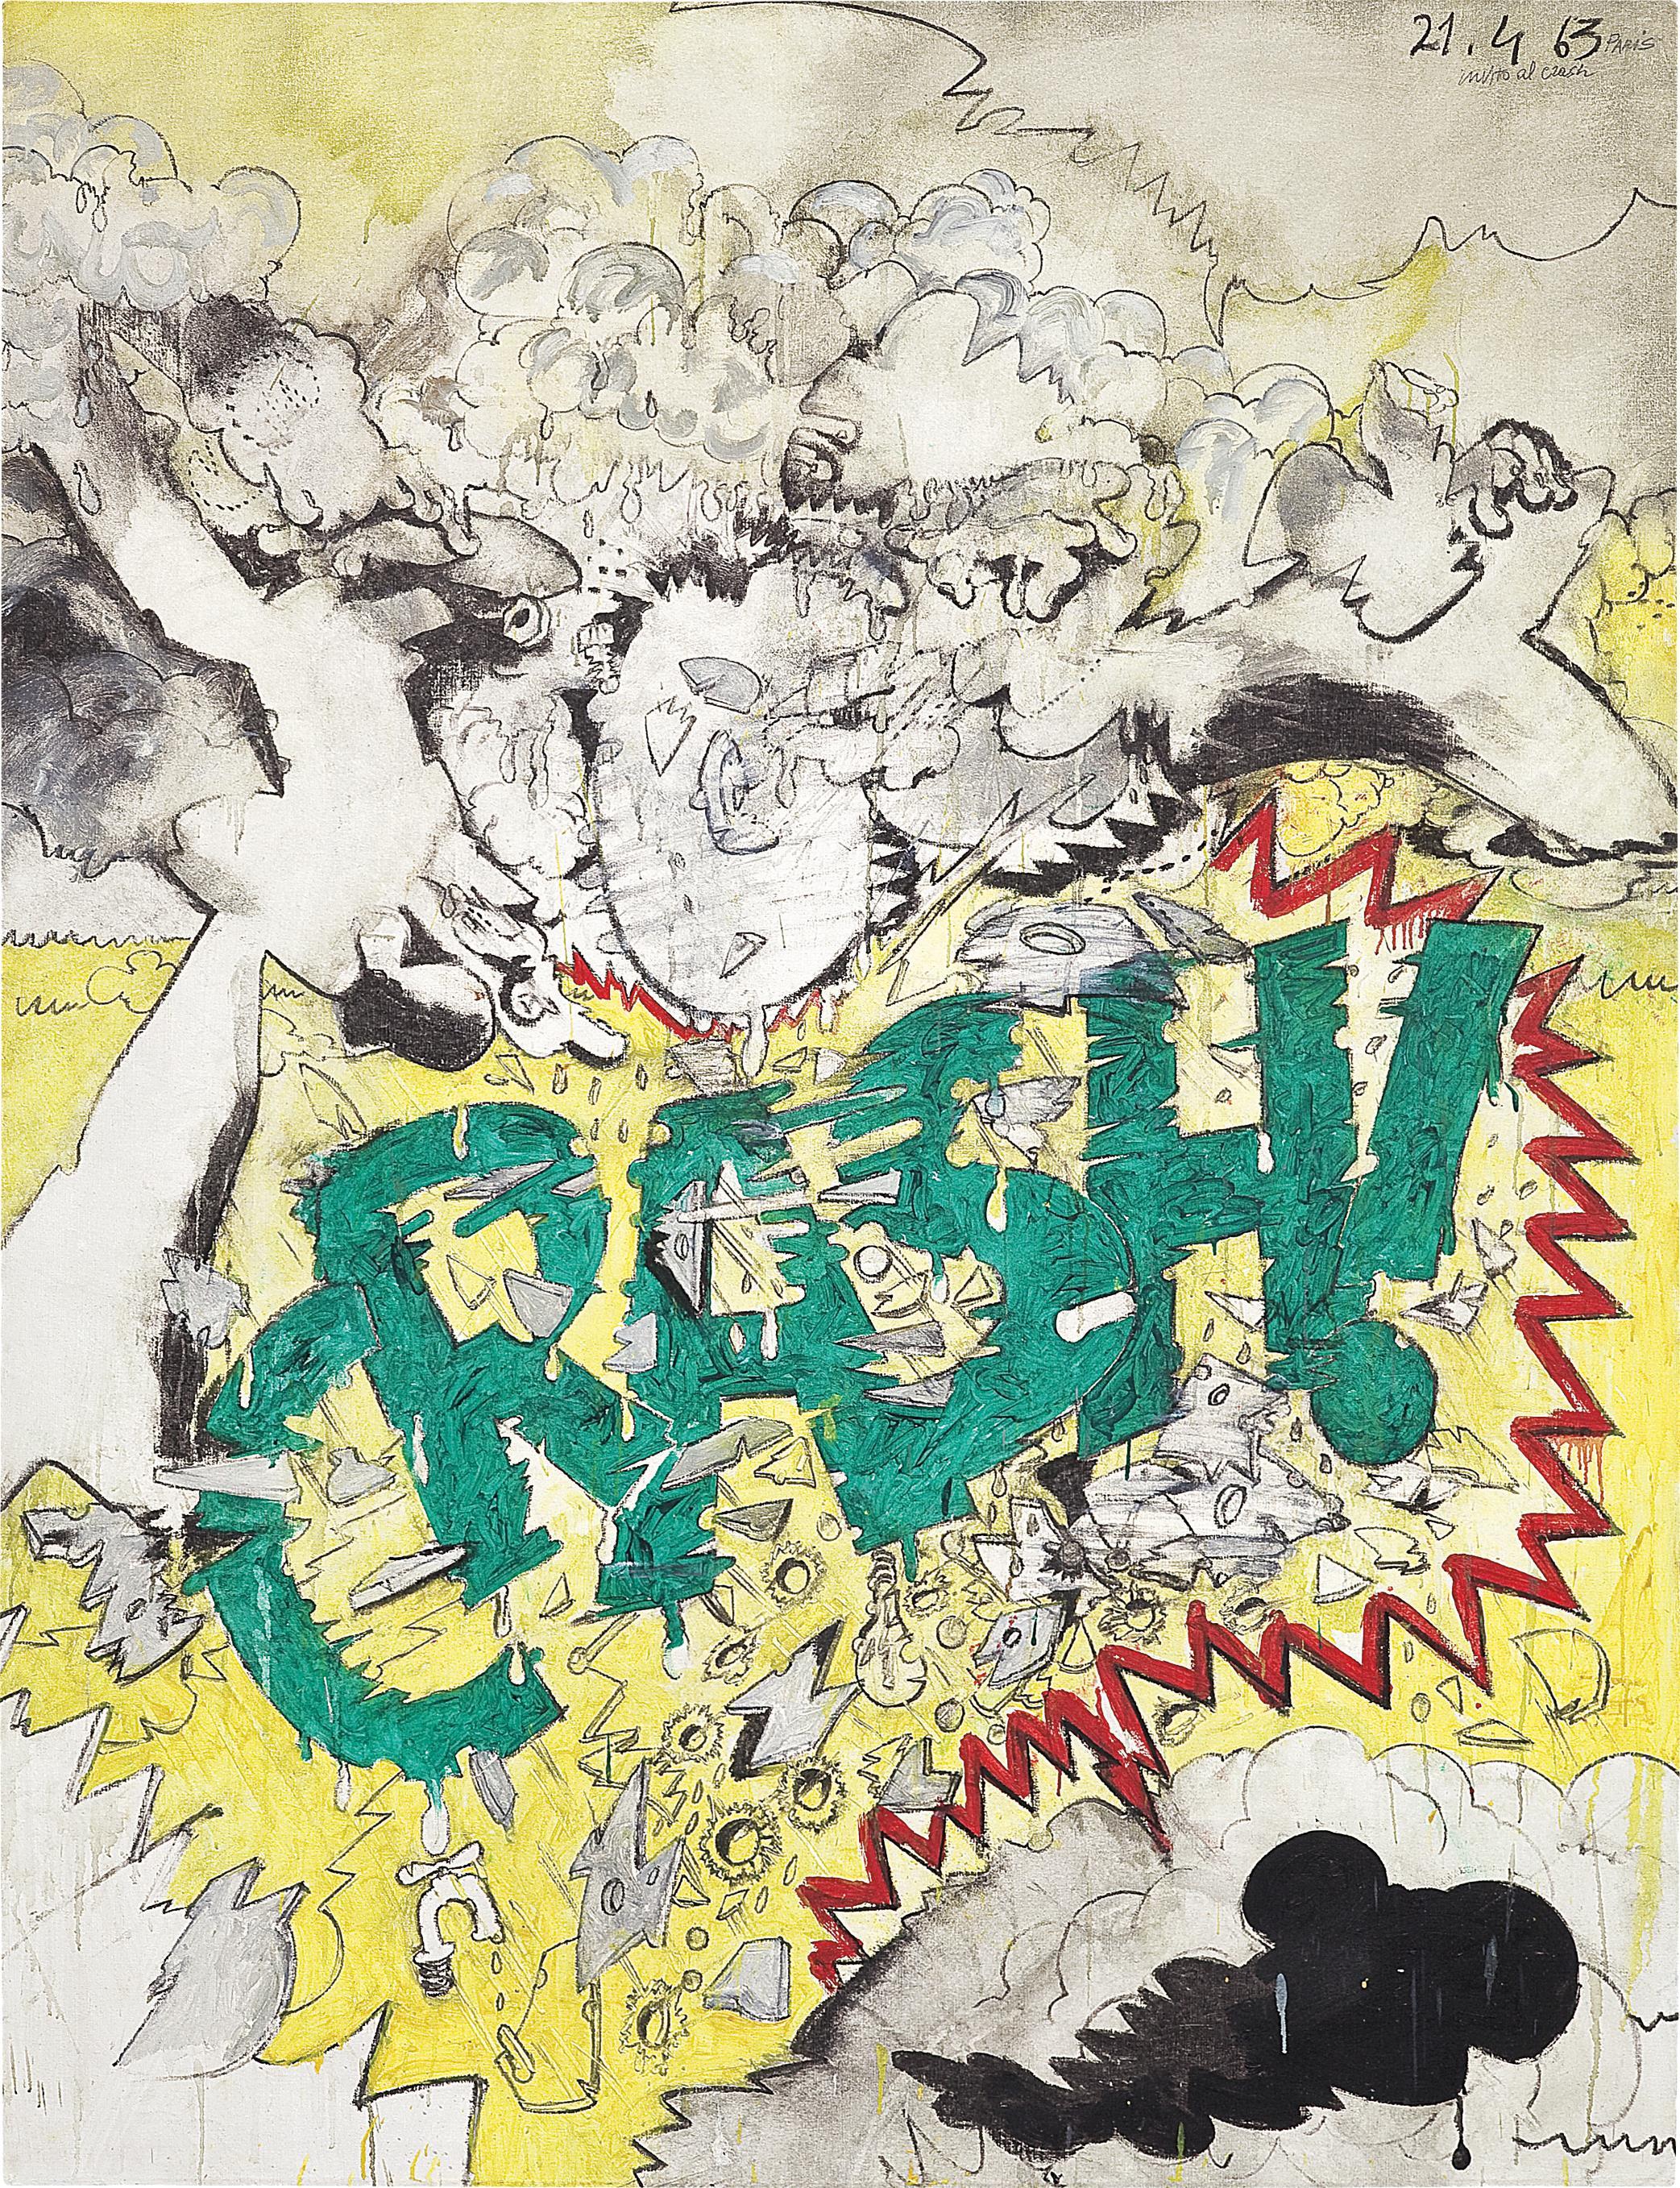 Valerio Adami-Invito Al Crash!-1963